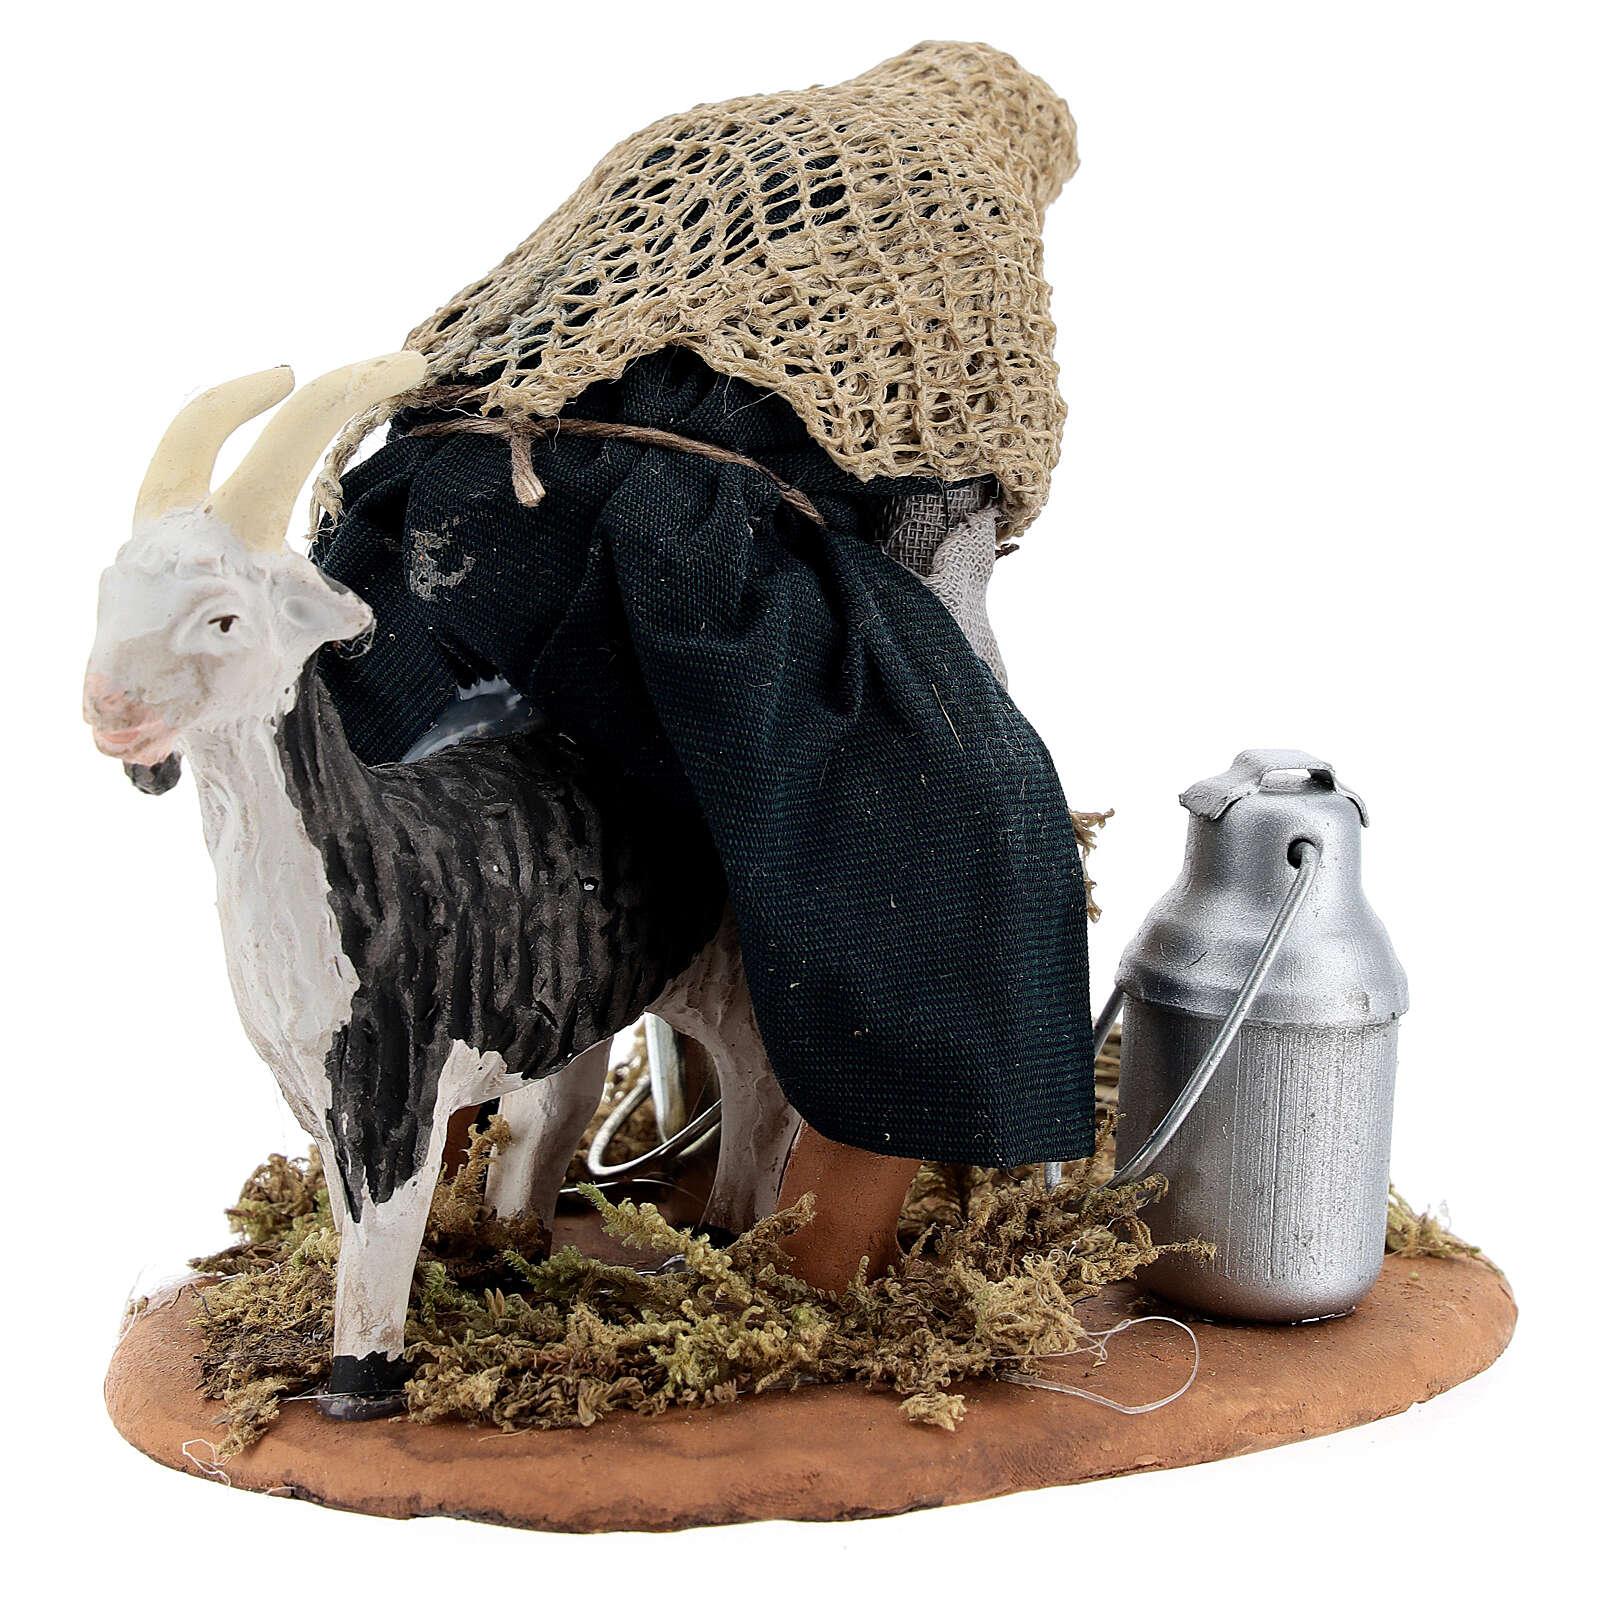 Goat milker Neapolitan nativity scene figurine 13 cm 4